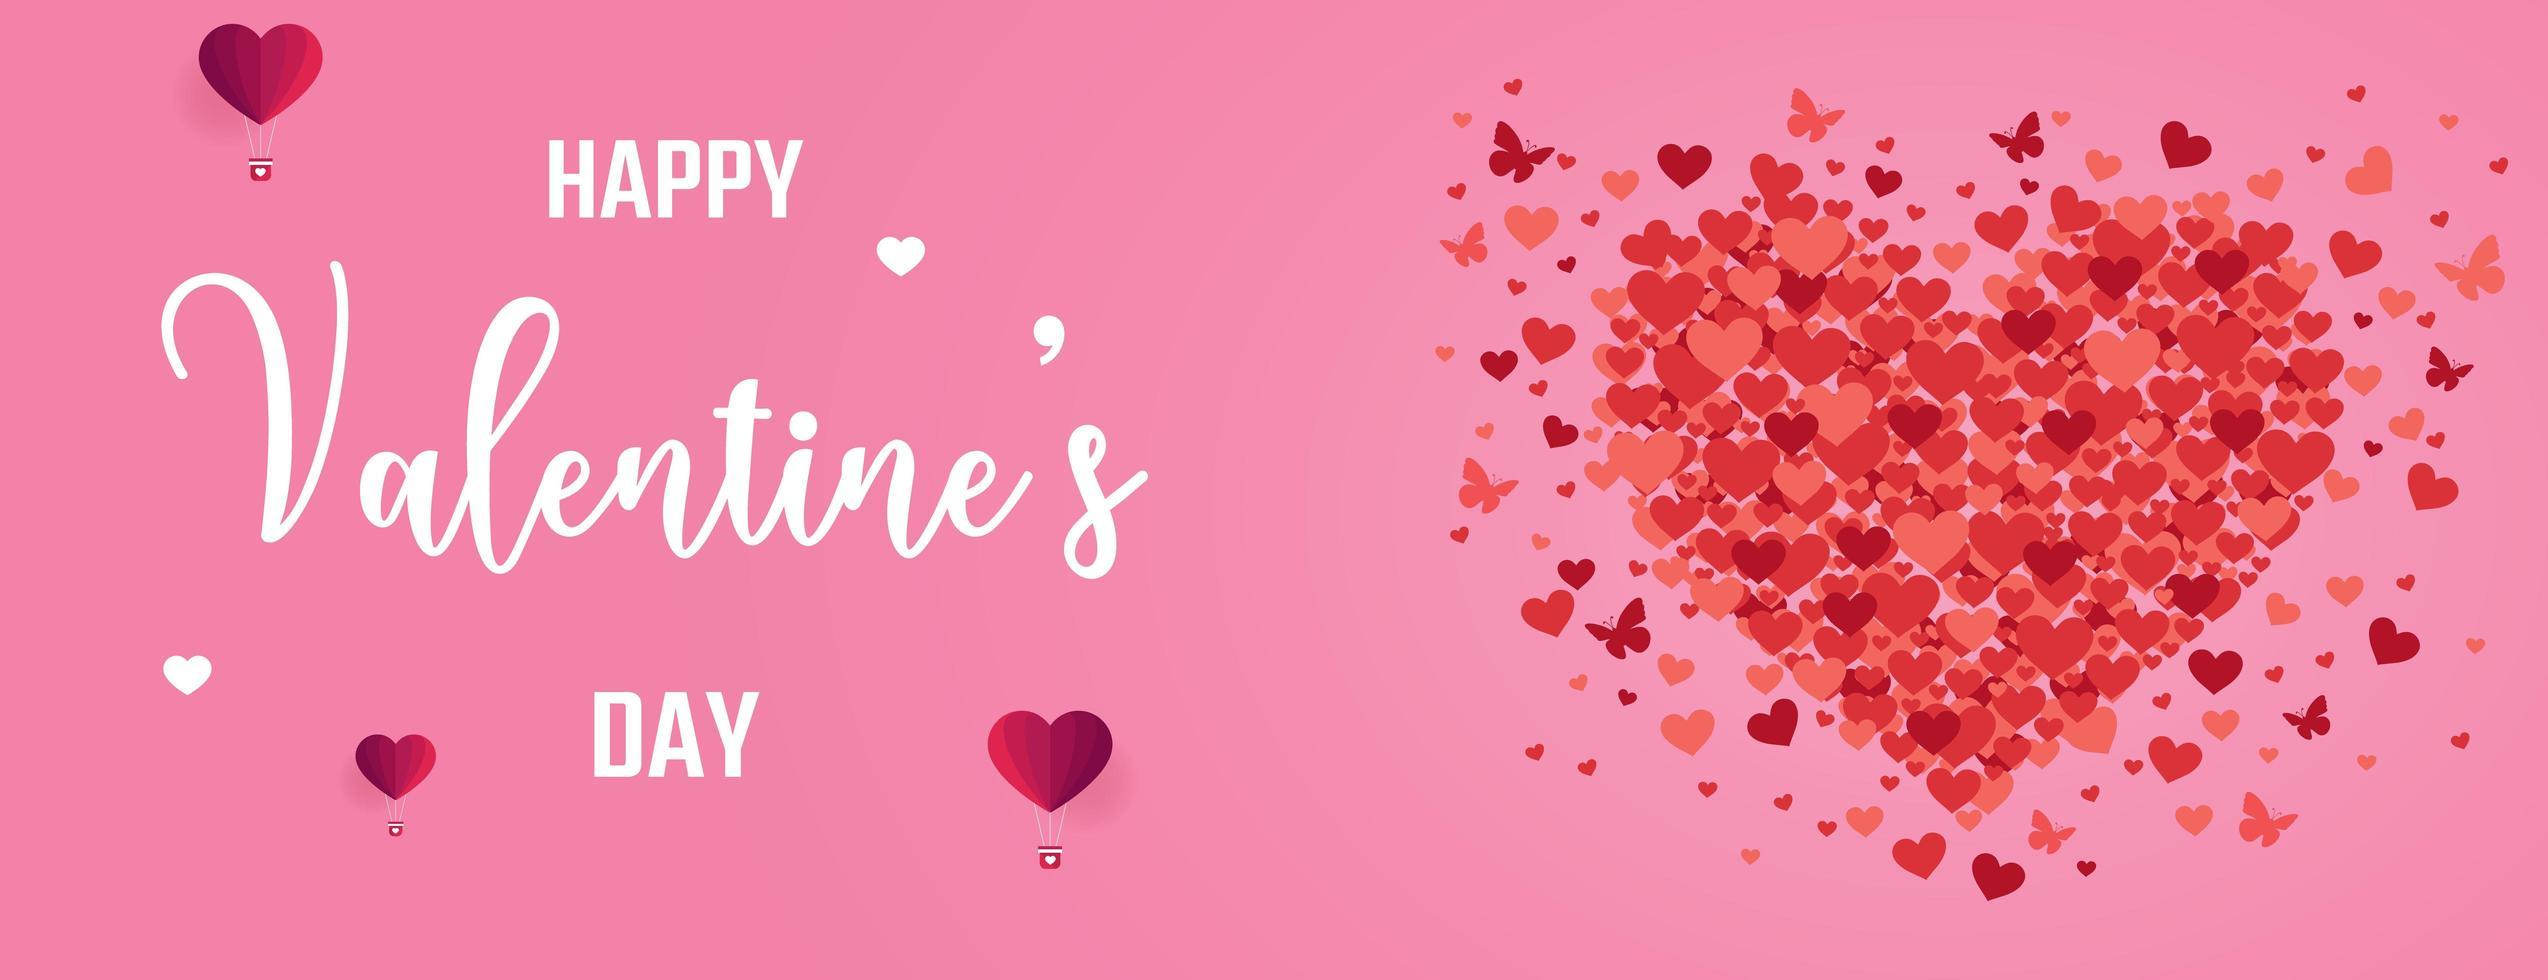 Bannière de la Saint-Valentin avec coeurs et papillons vecteur